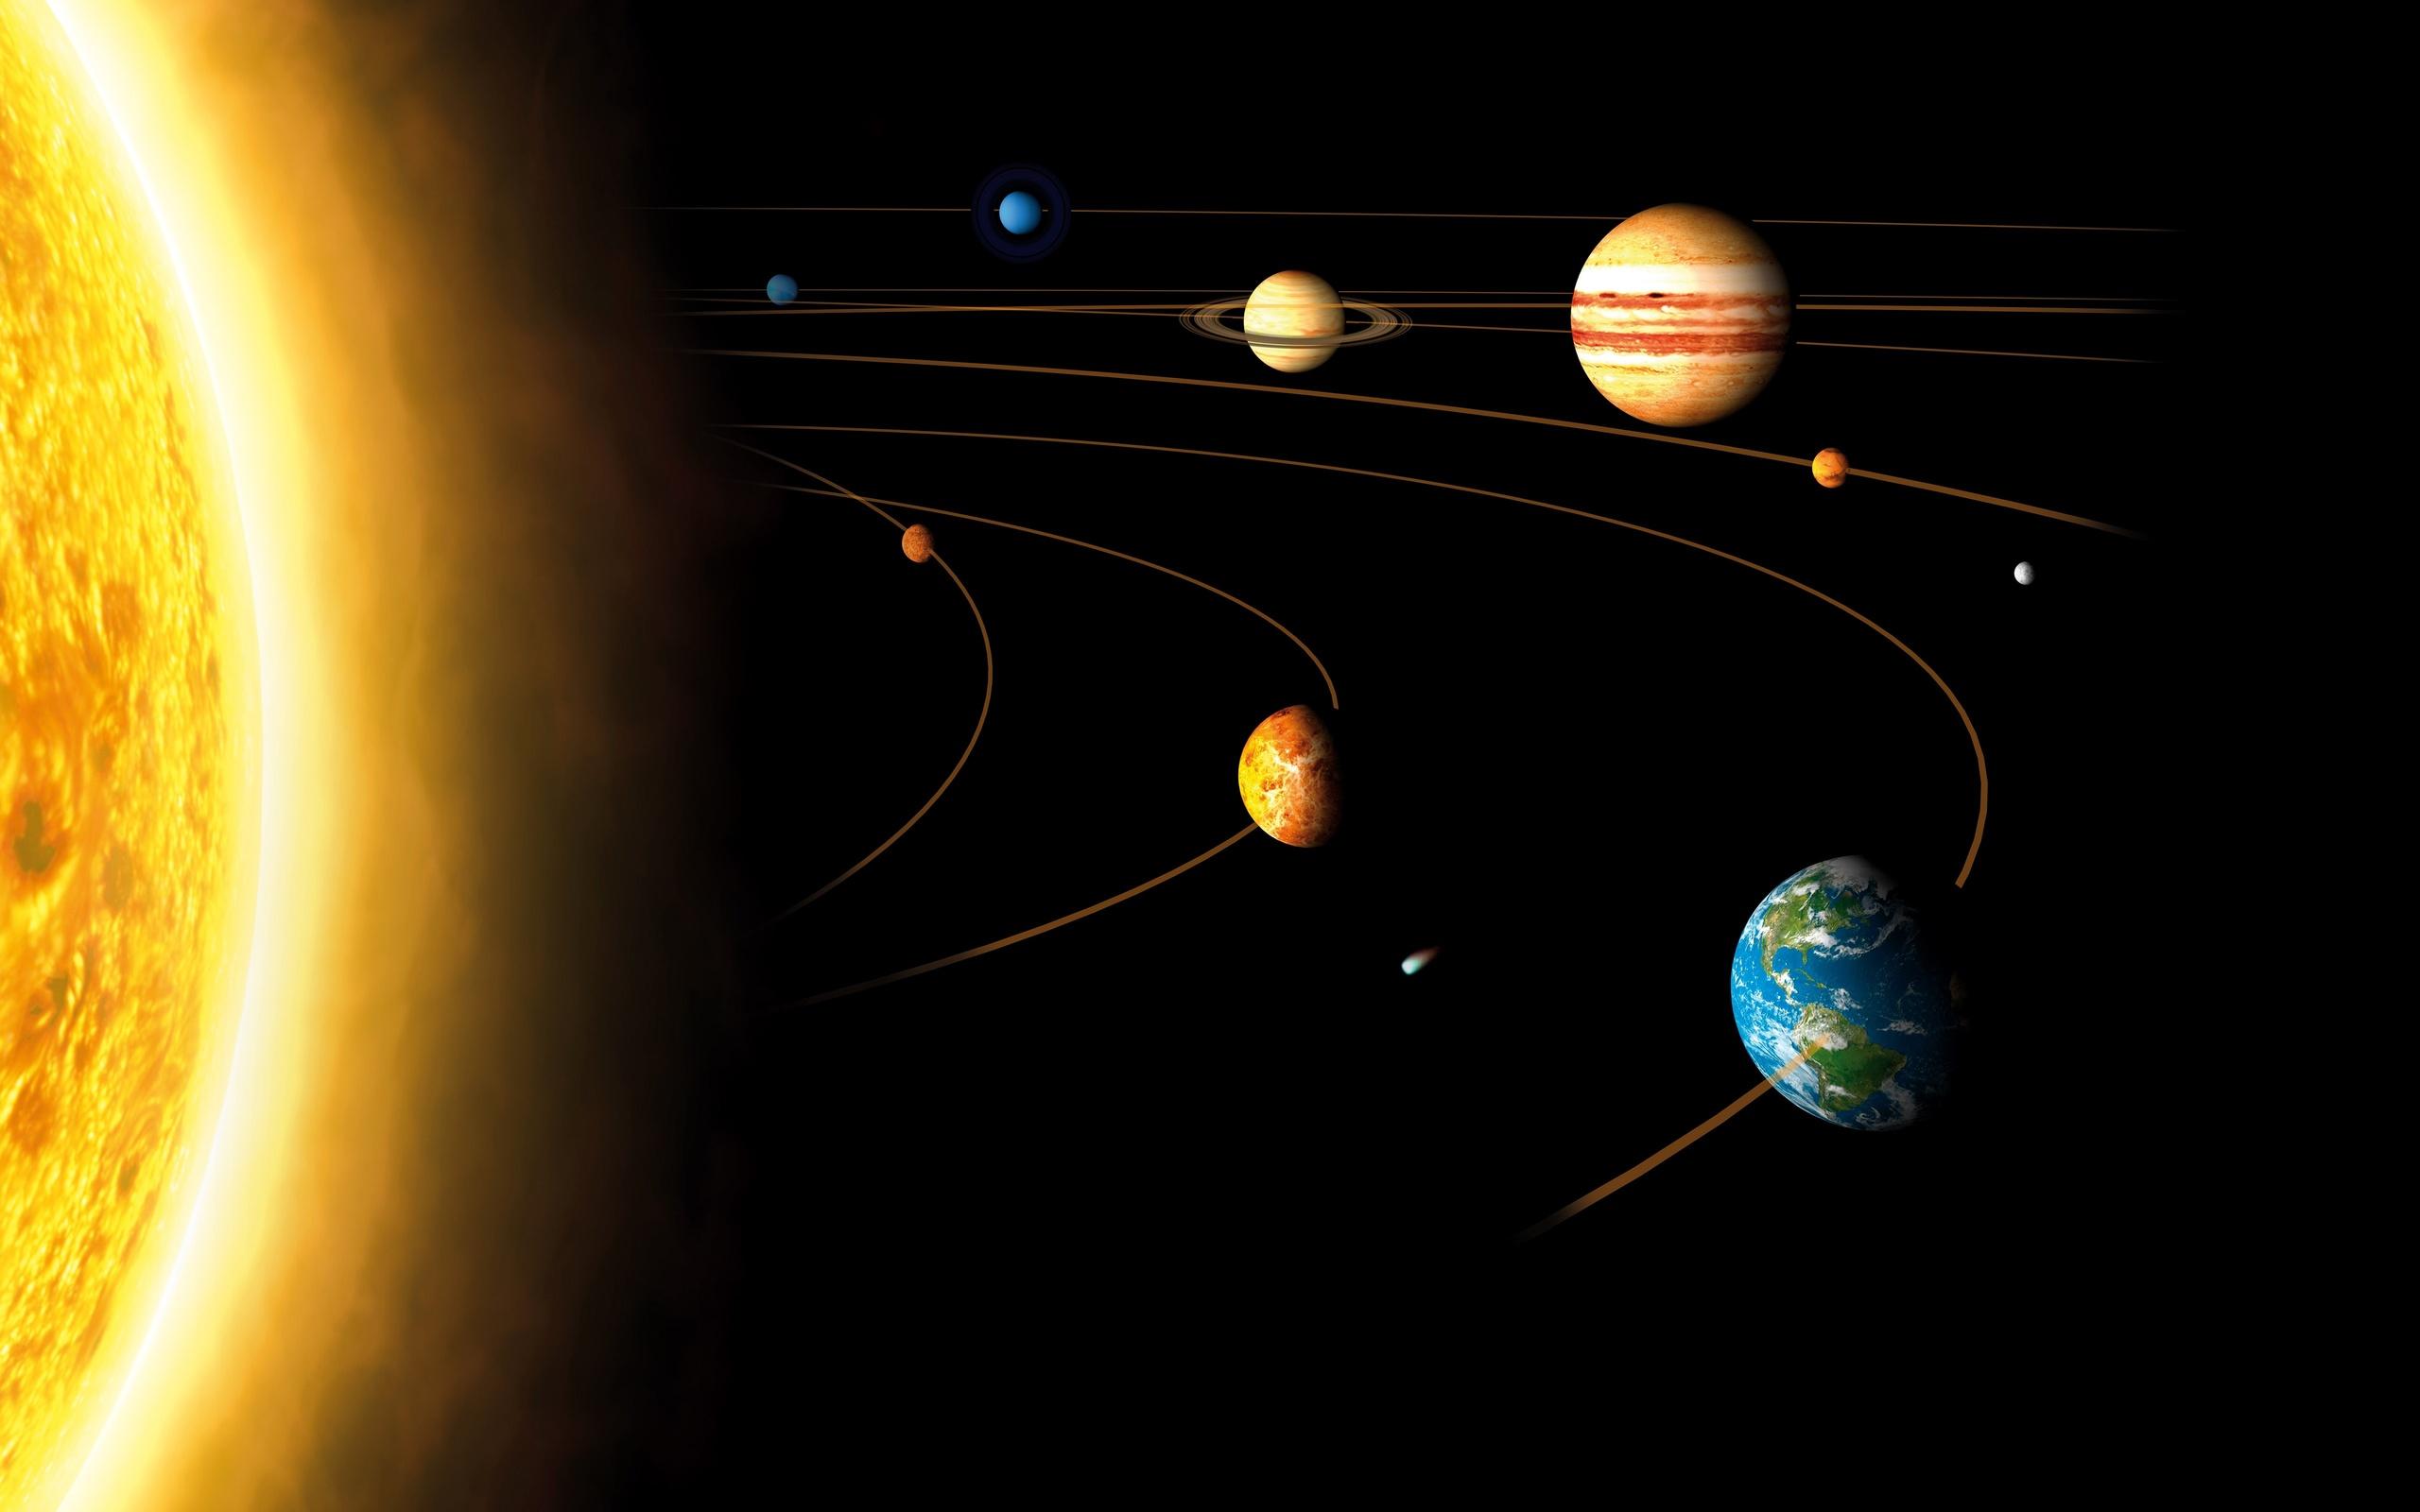 солнечная система смотреть картинки можно ознакомиться